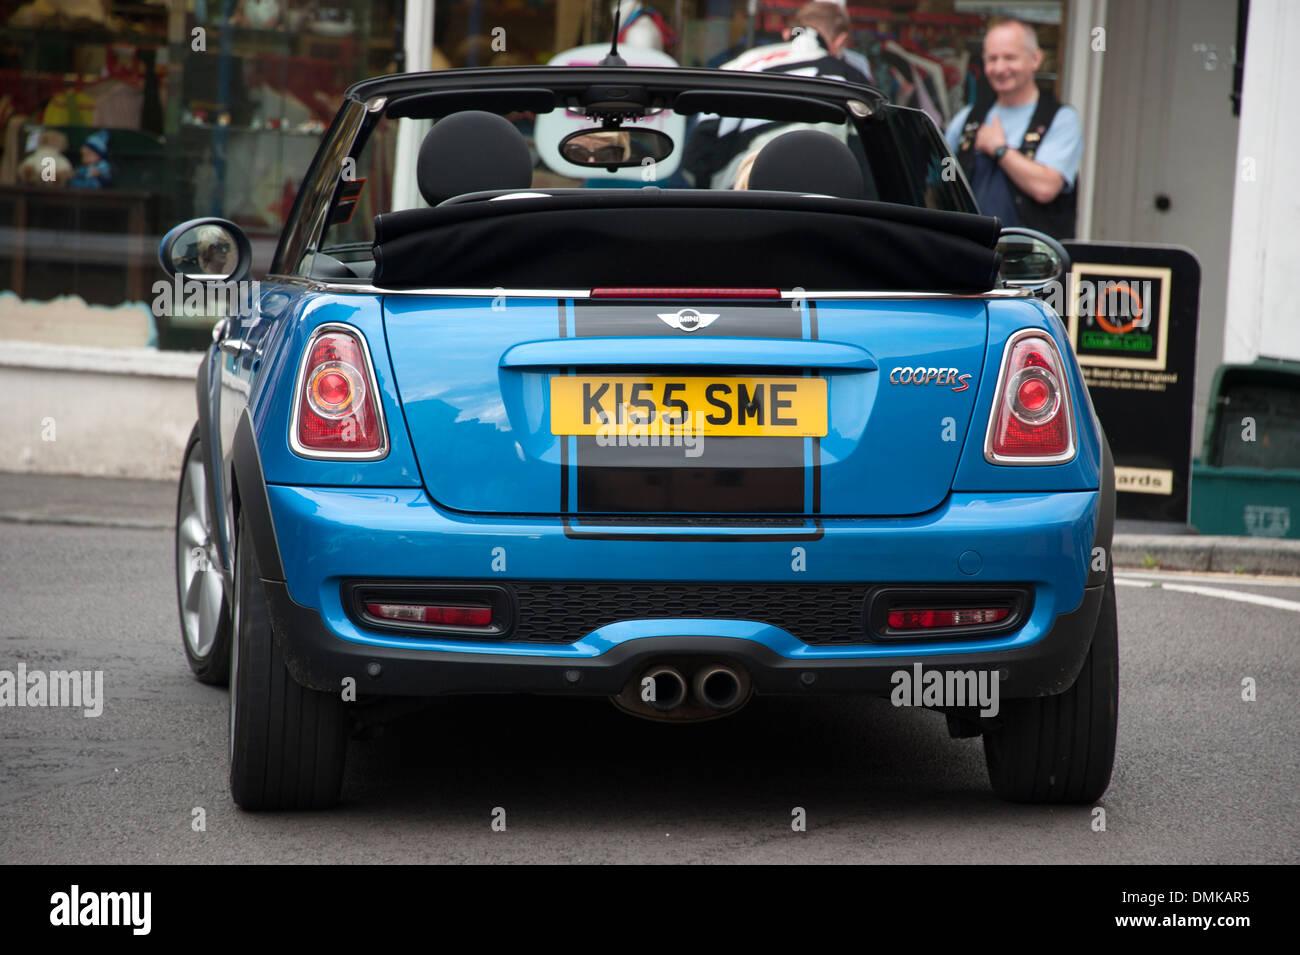 Kiss Me Invitation de la plaque d'immatriculation de voiture Drôle Photo Stock - Alamy